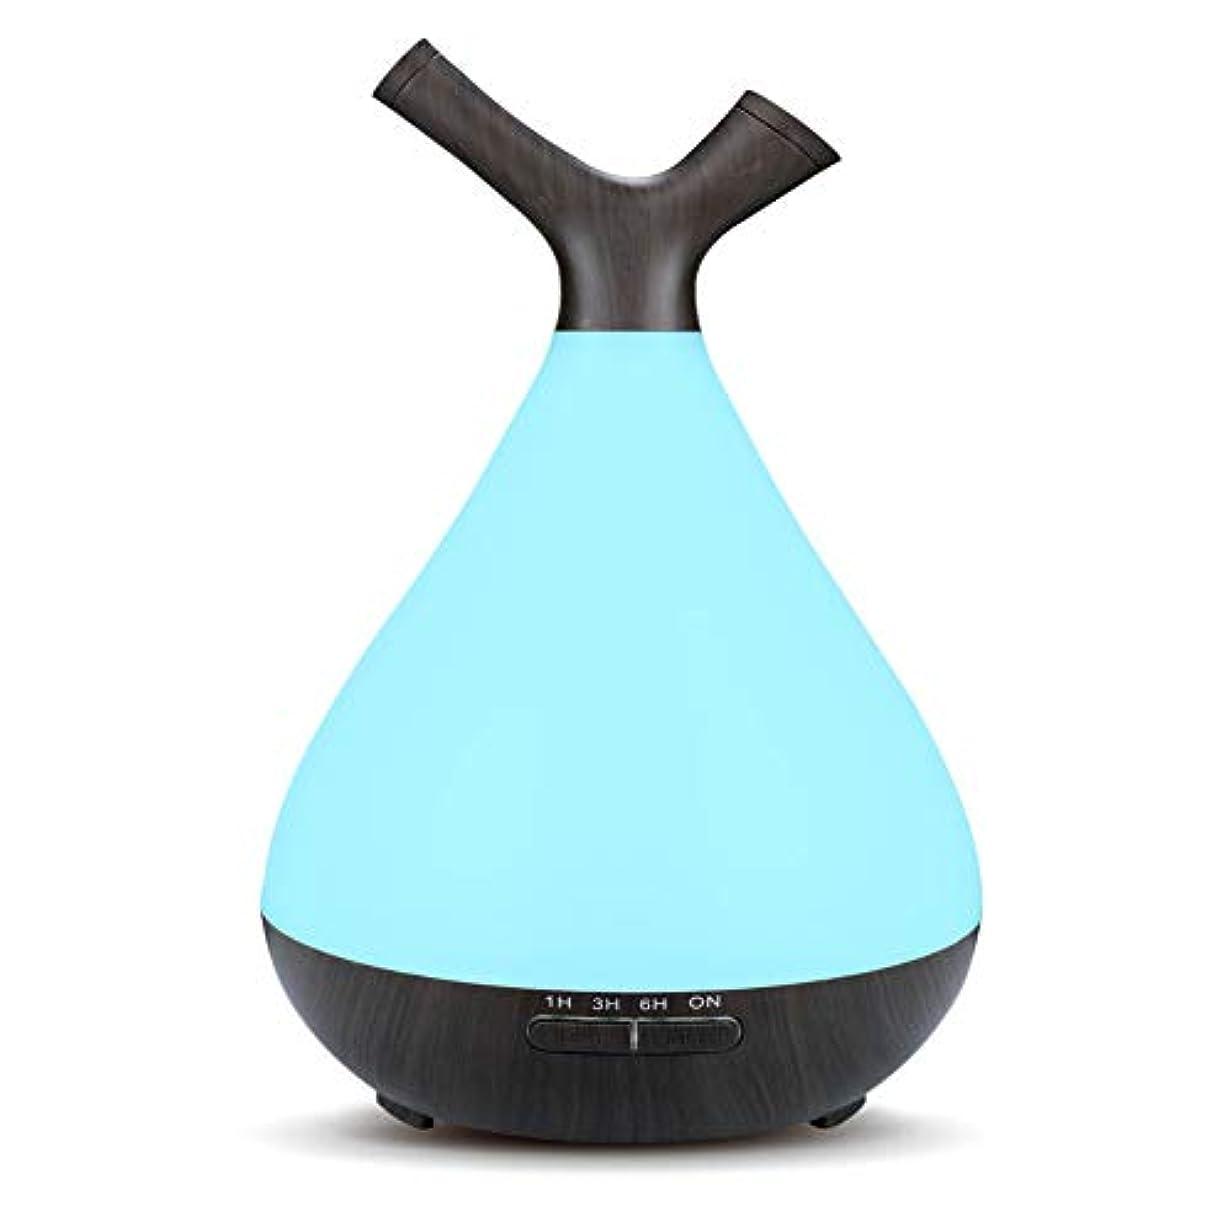 誇りに思う習慣メナジェリー木目 2 ノズル 7 色 加湿器,涼しい霧 時間 加湿機 調整可能 香り 精油 ディフューザー 空気を浄化 オフィス ベッド- 400ml